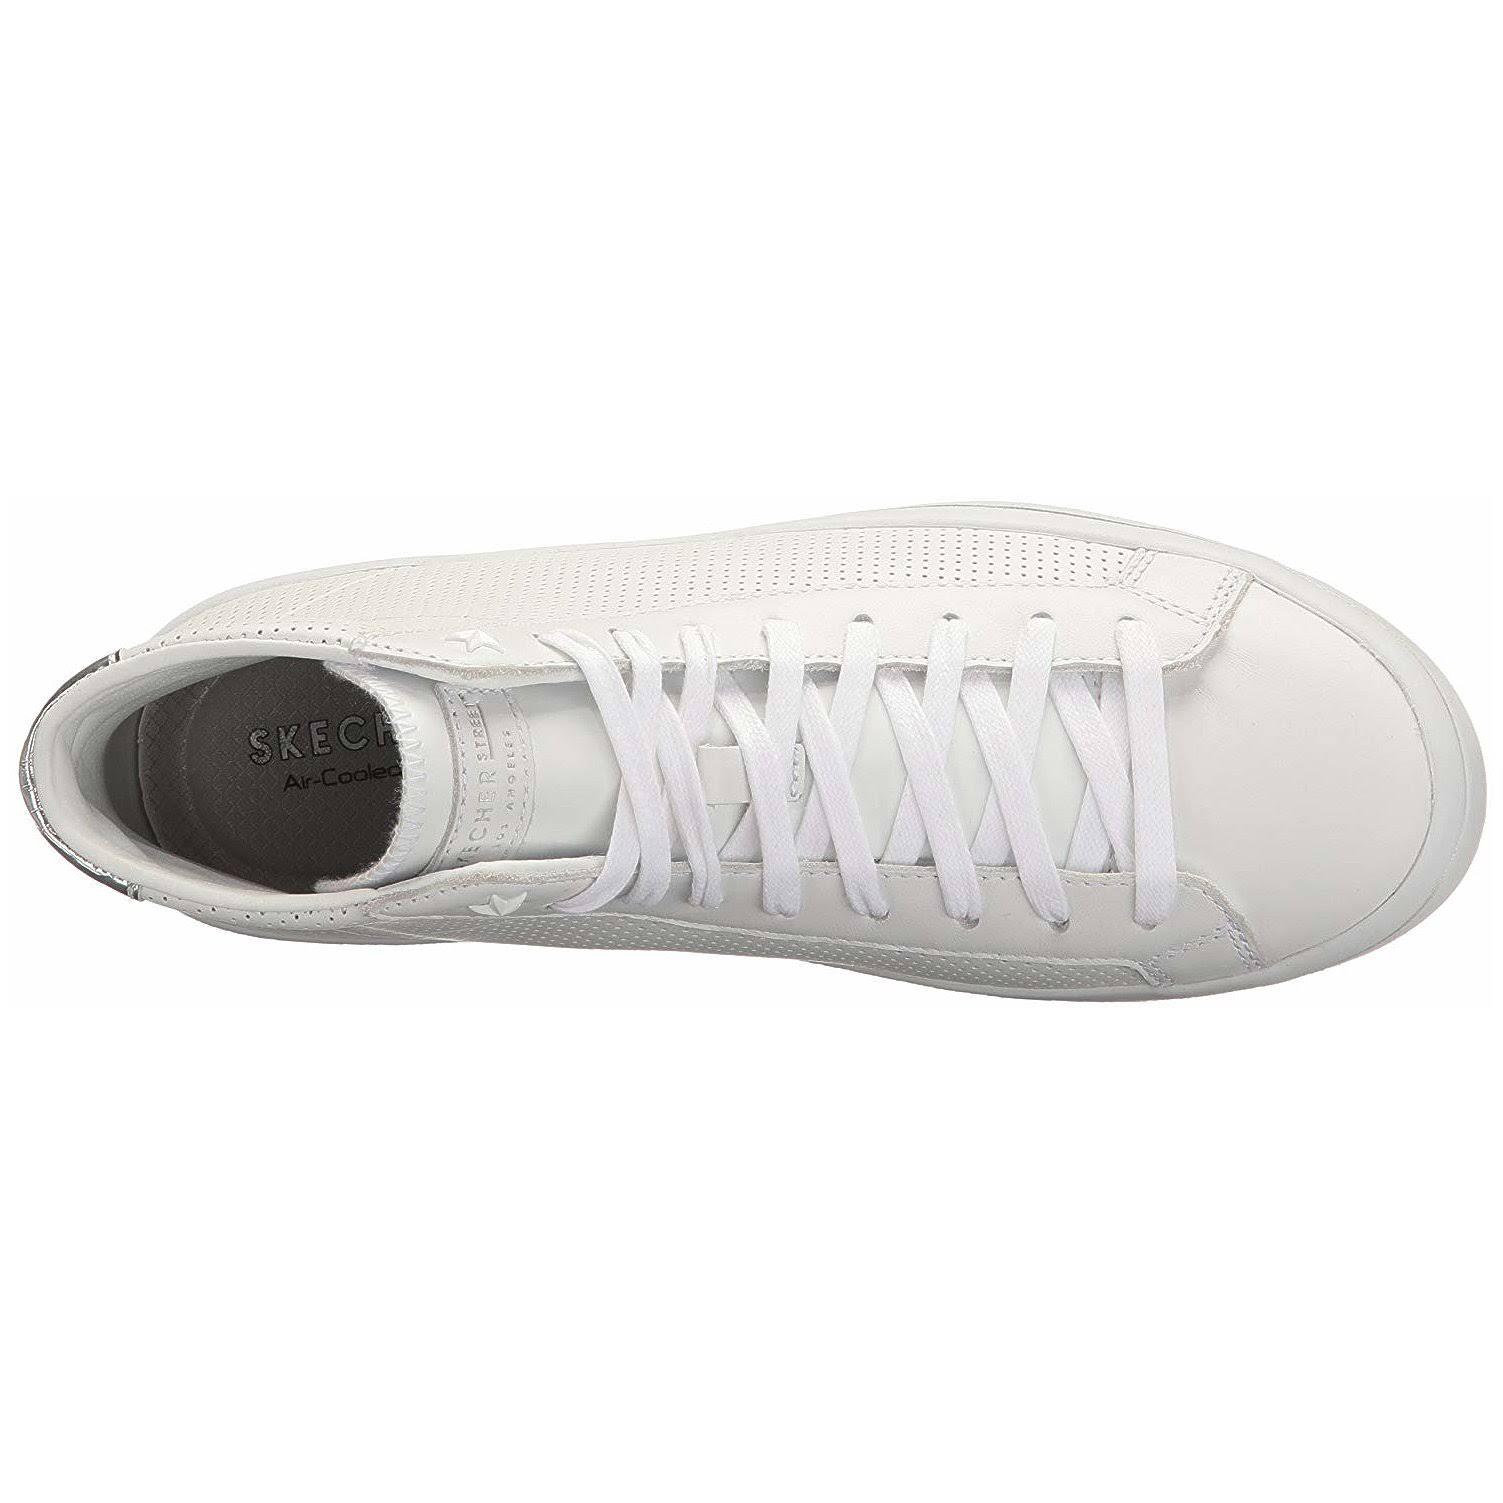 Calidad 940 Street Alta Zapatillas De Deporte Dados Sin Skecher Mujer Blancas Para B0Pwx